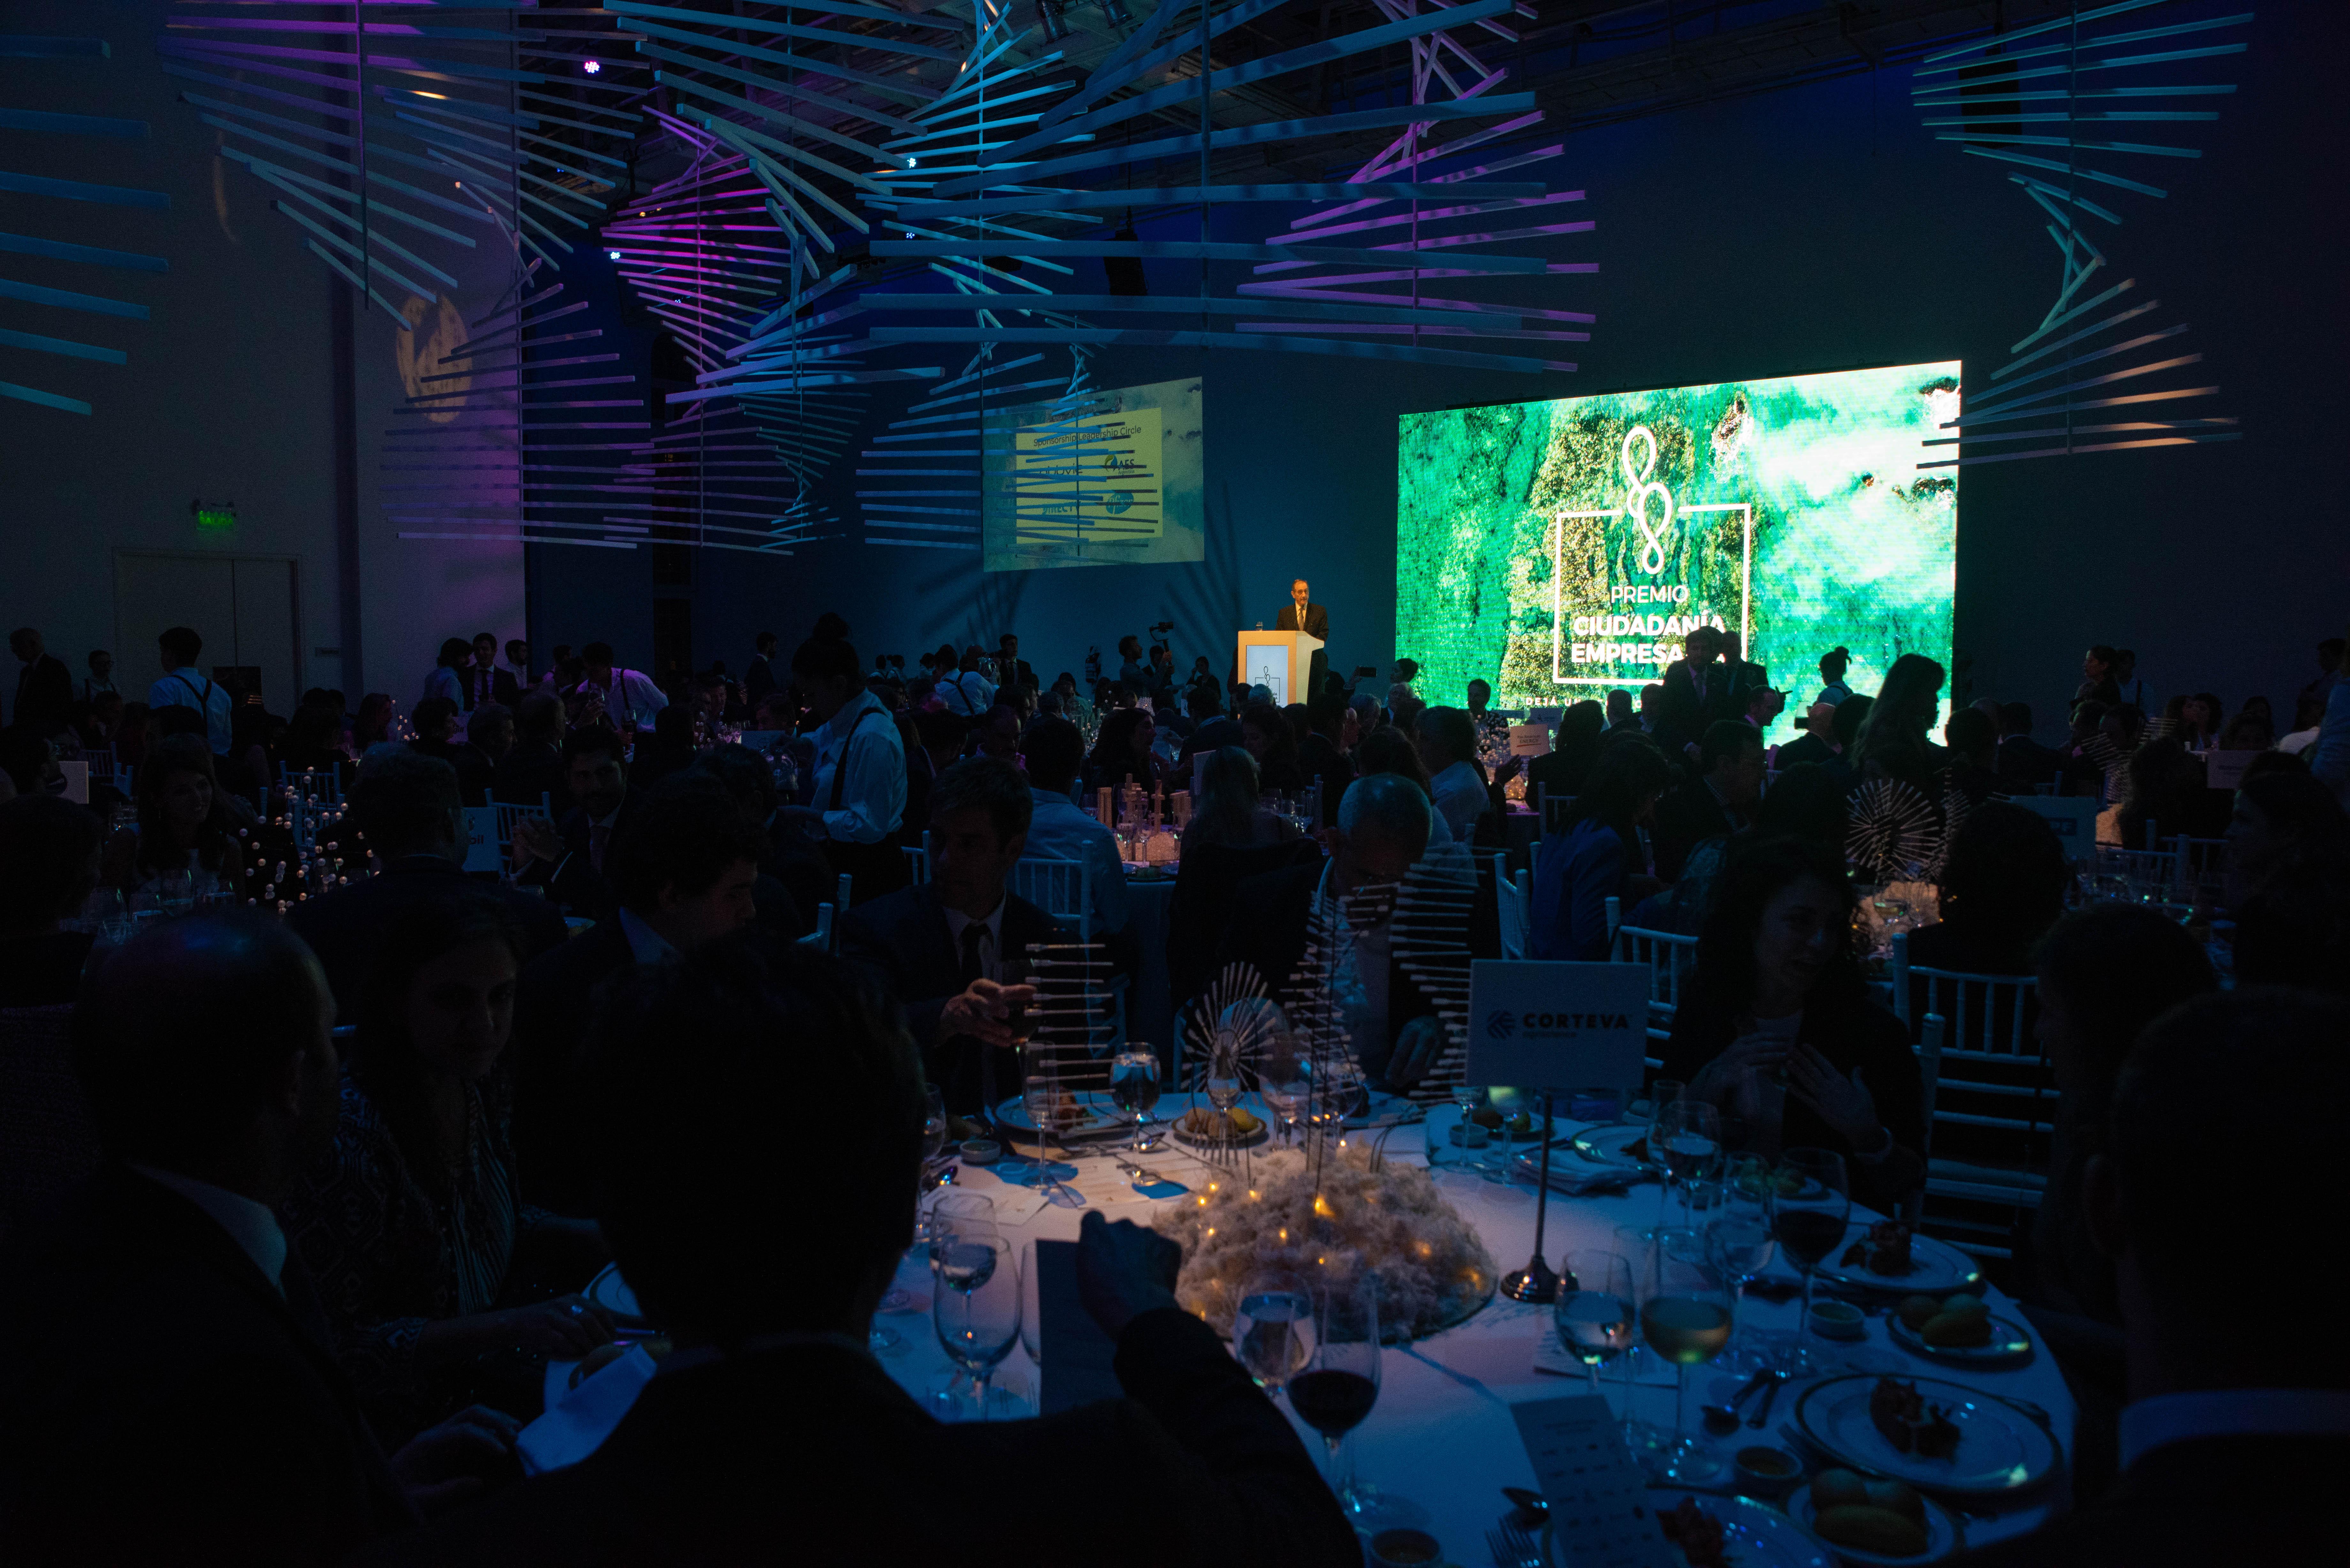 AmCham Argentina - la Cámara de Comercio de Estados Unidos en Argentina - es una organización no gubernamental, independiente y sin fines de lucro, que desde hace 100 años trabaja promocionando el comercio bilateral y la inversión entre los Estados Unidos y la Argentina. AmCham promueve un ambiente de negocios ético y transparente, que contribuya a los objetivos de sus socios y al desarrollo económico e institucional de la Argentina